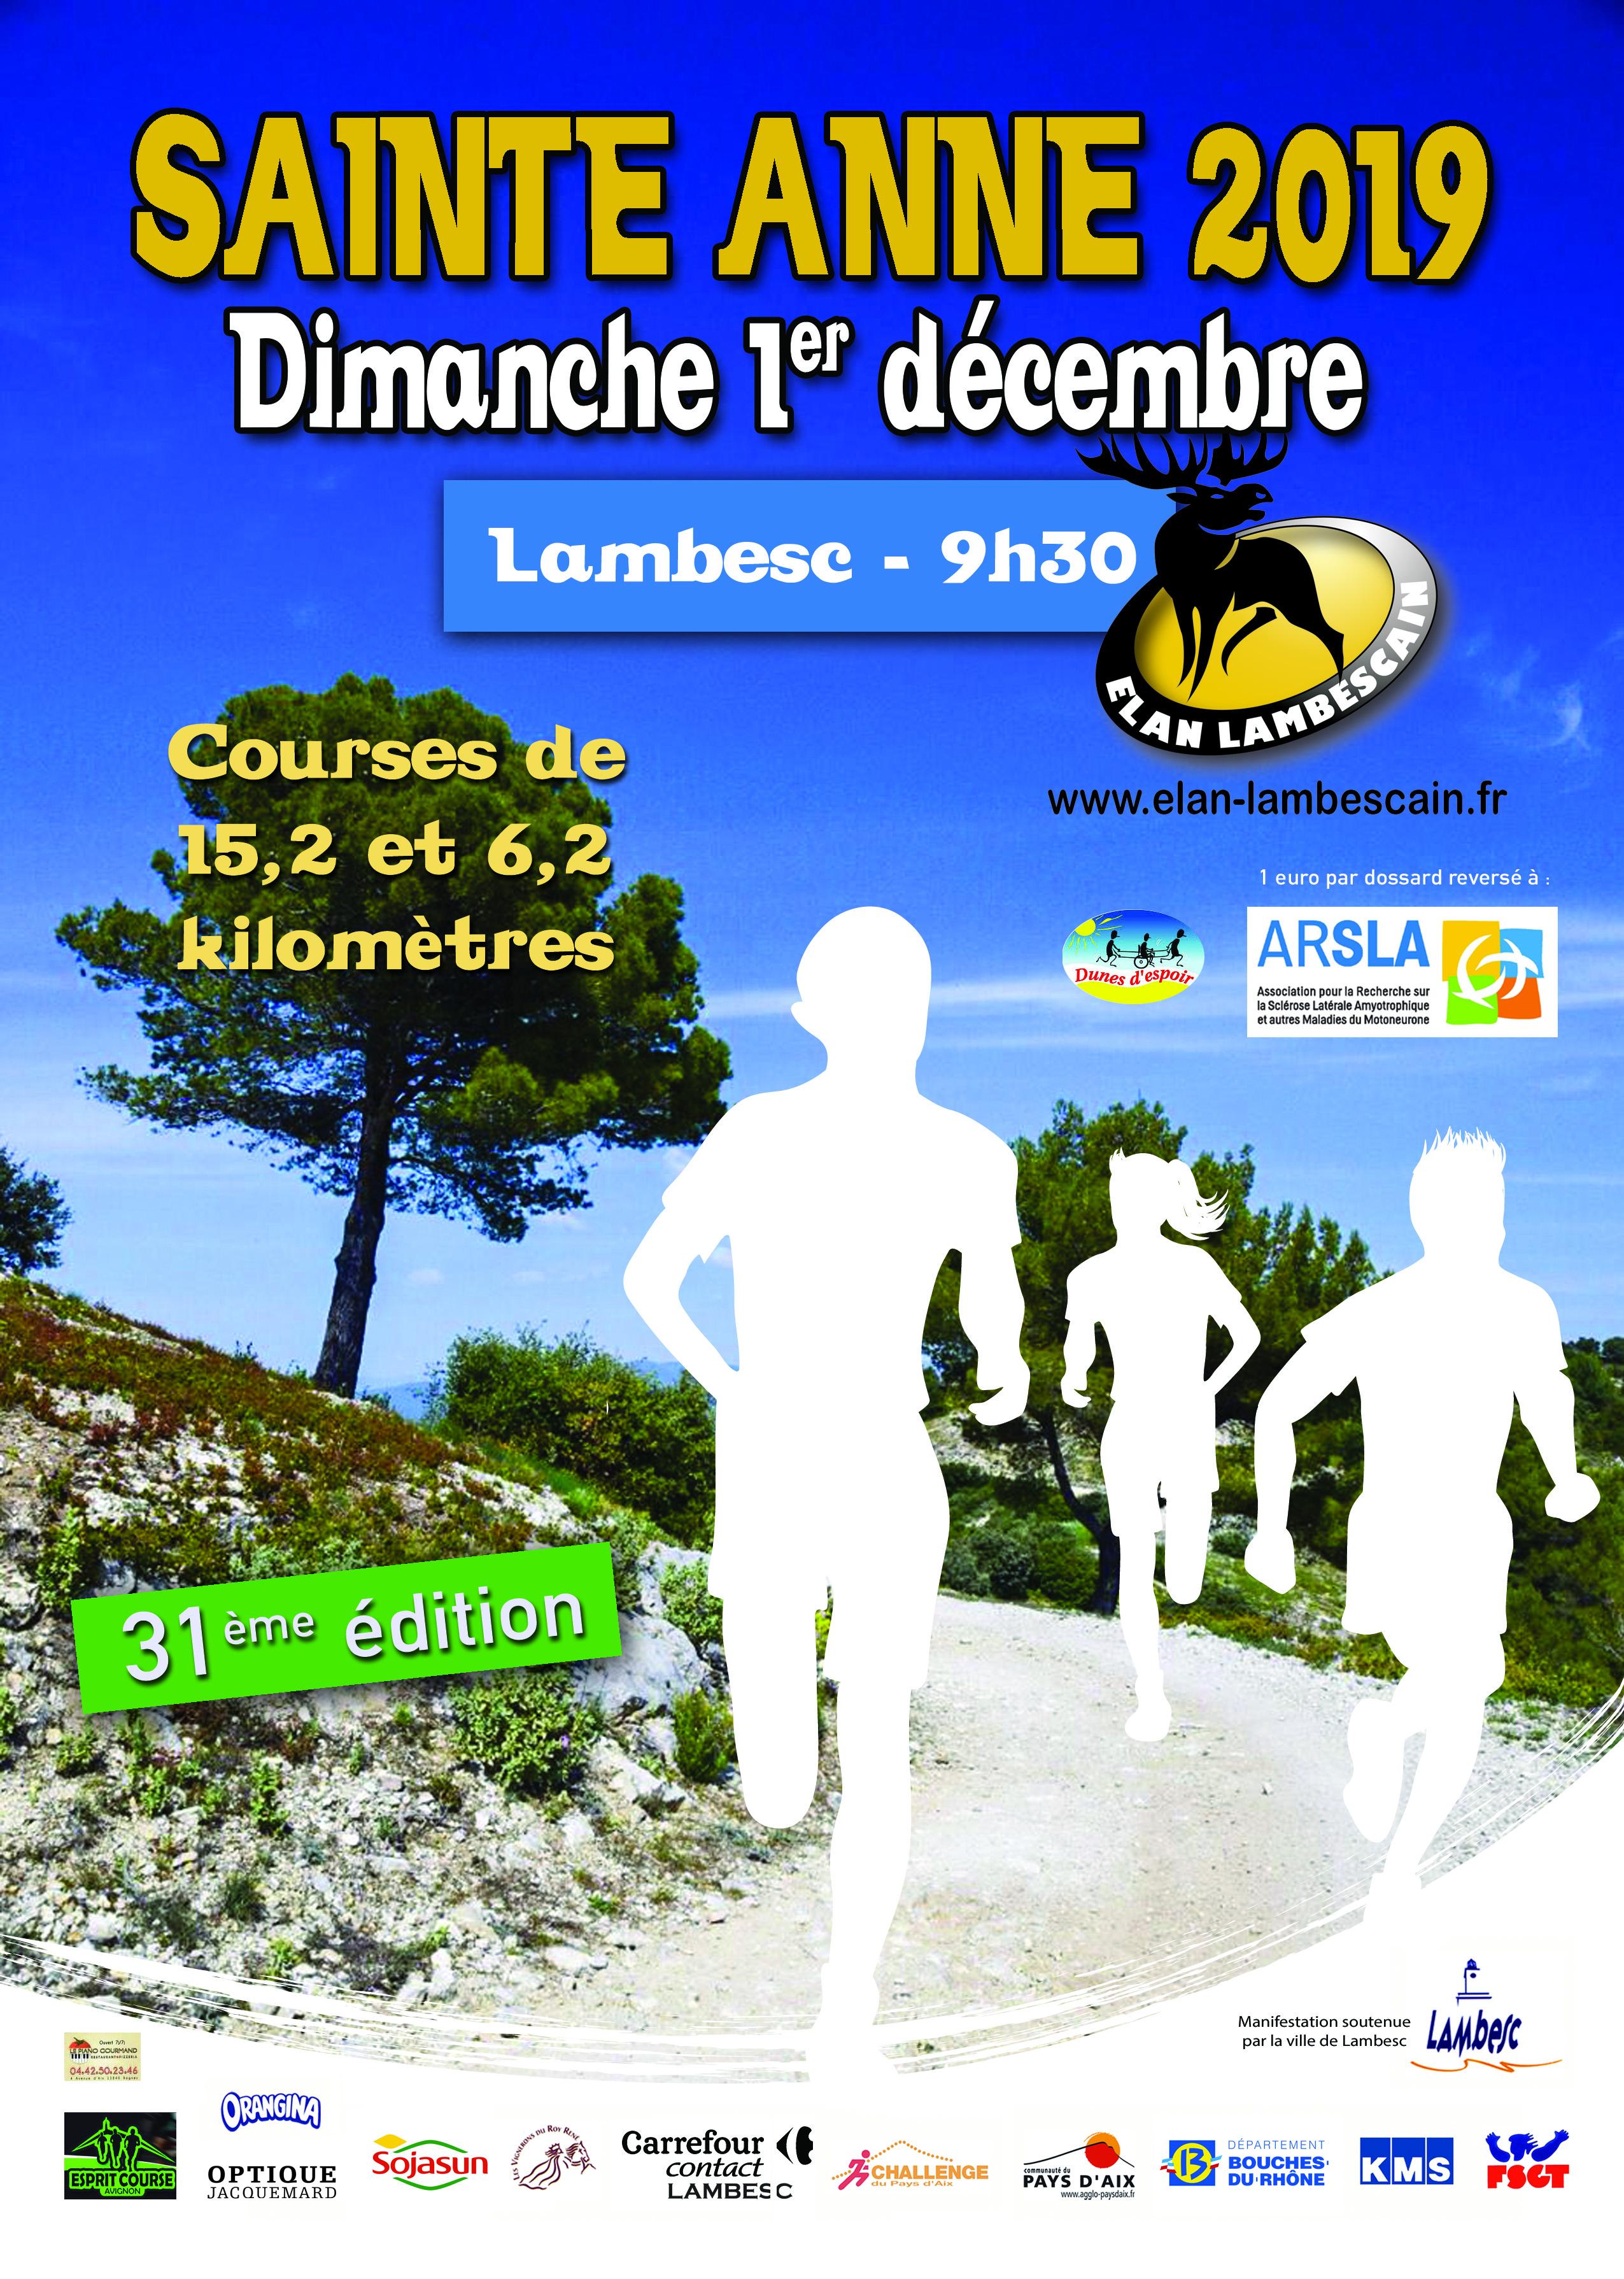 Montee saint Anne -15.2 km